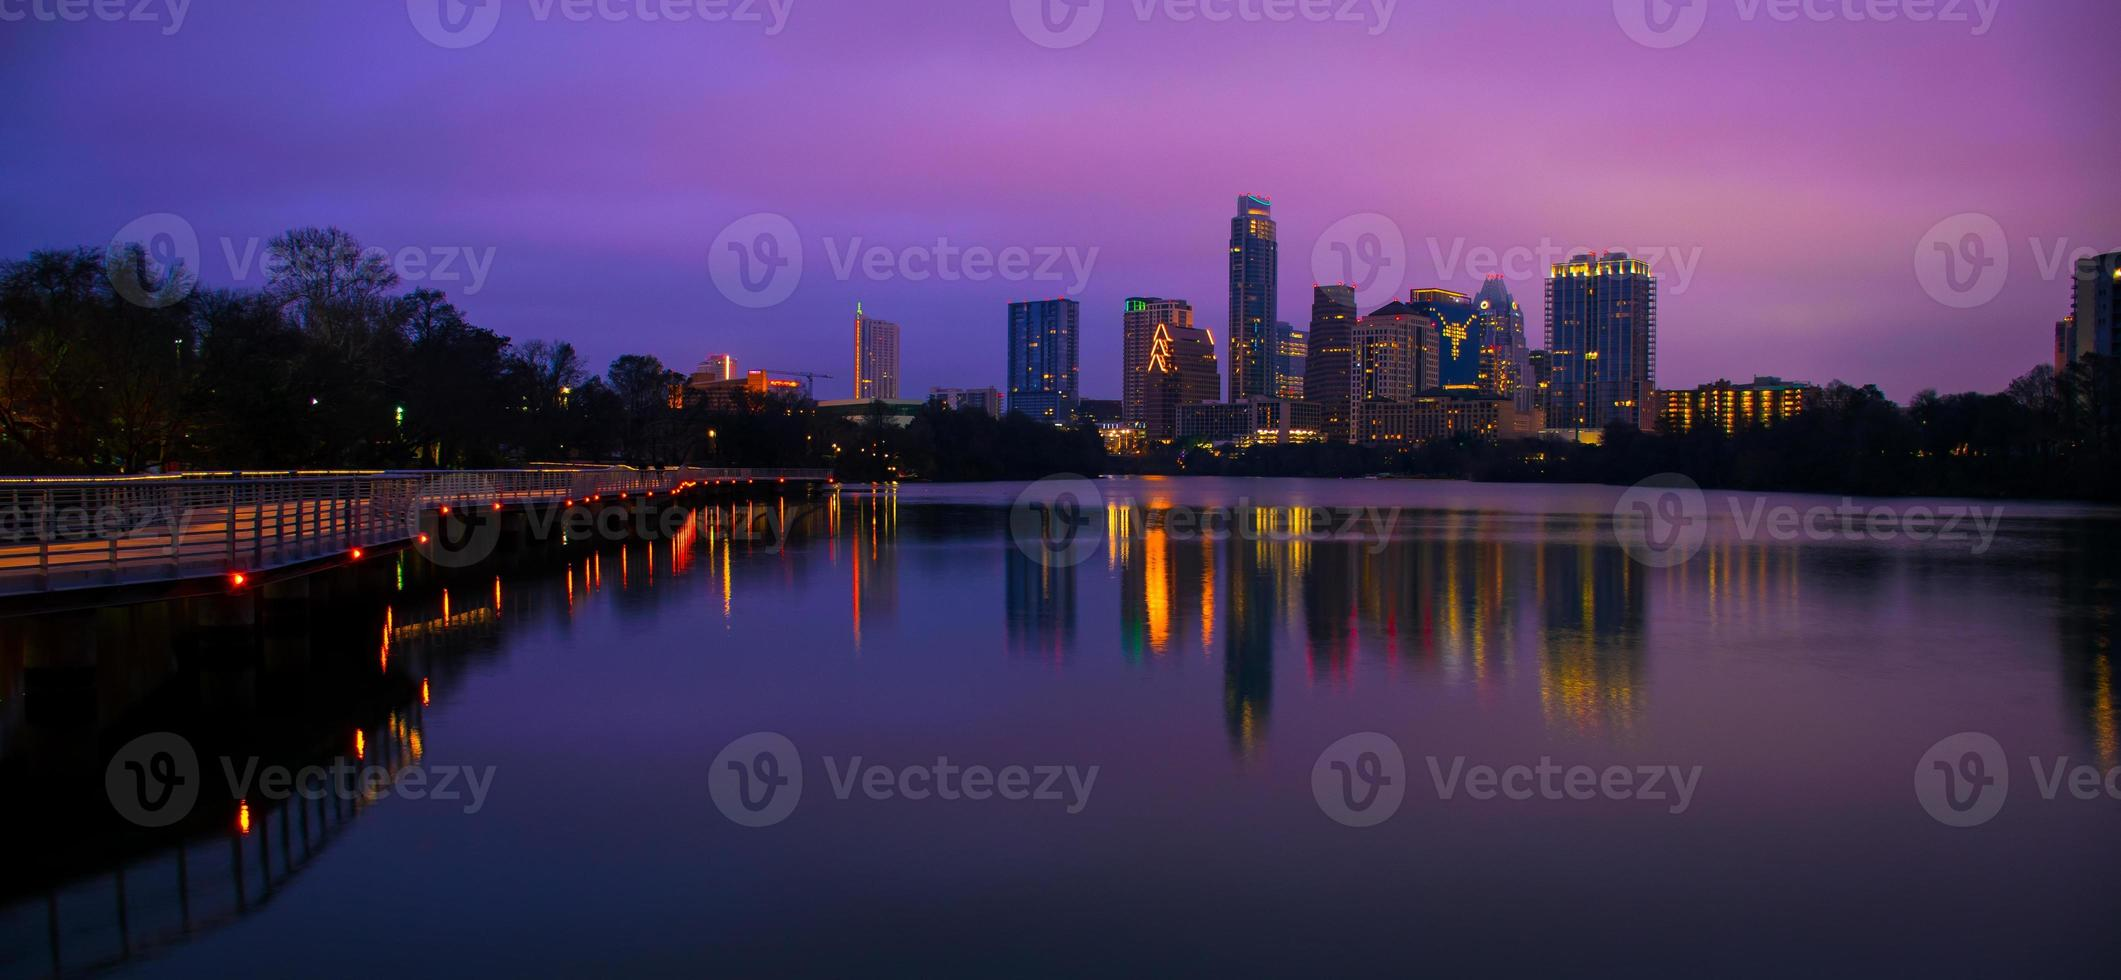 Weitwinkel Nacht Austin Skyline vor Sonnenaufgang Reflexionen foto